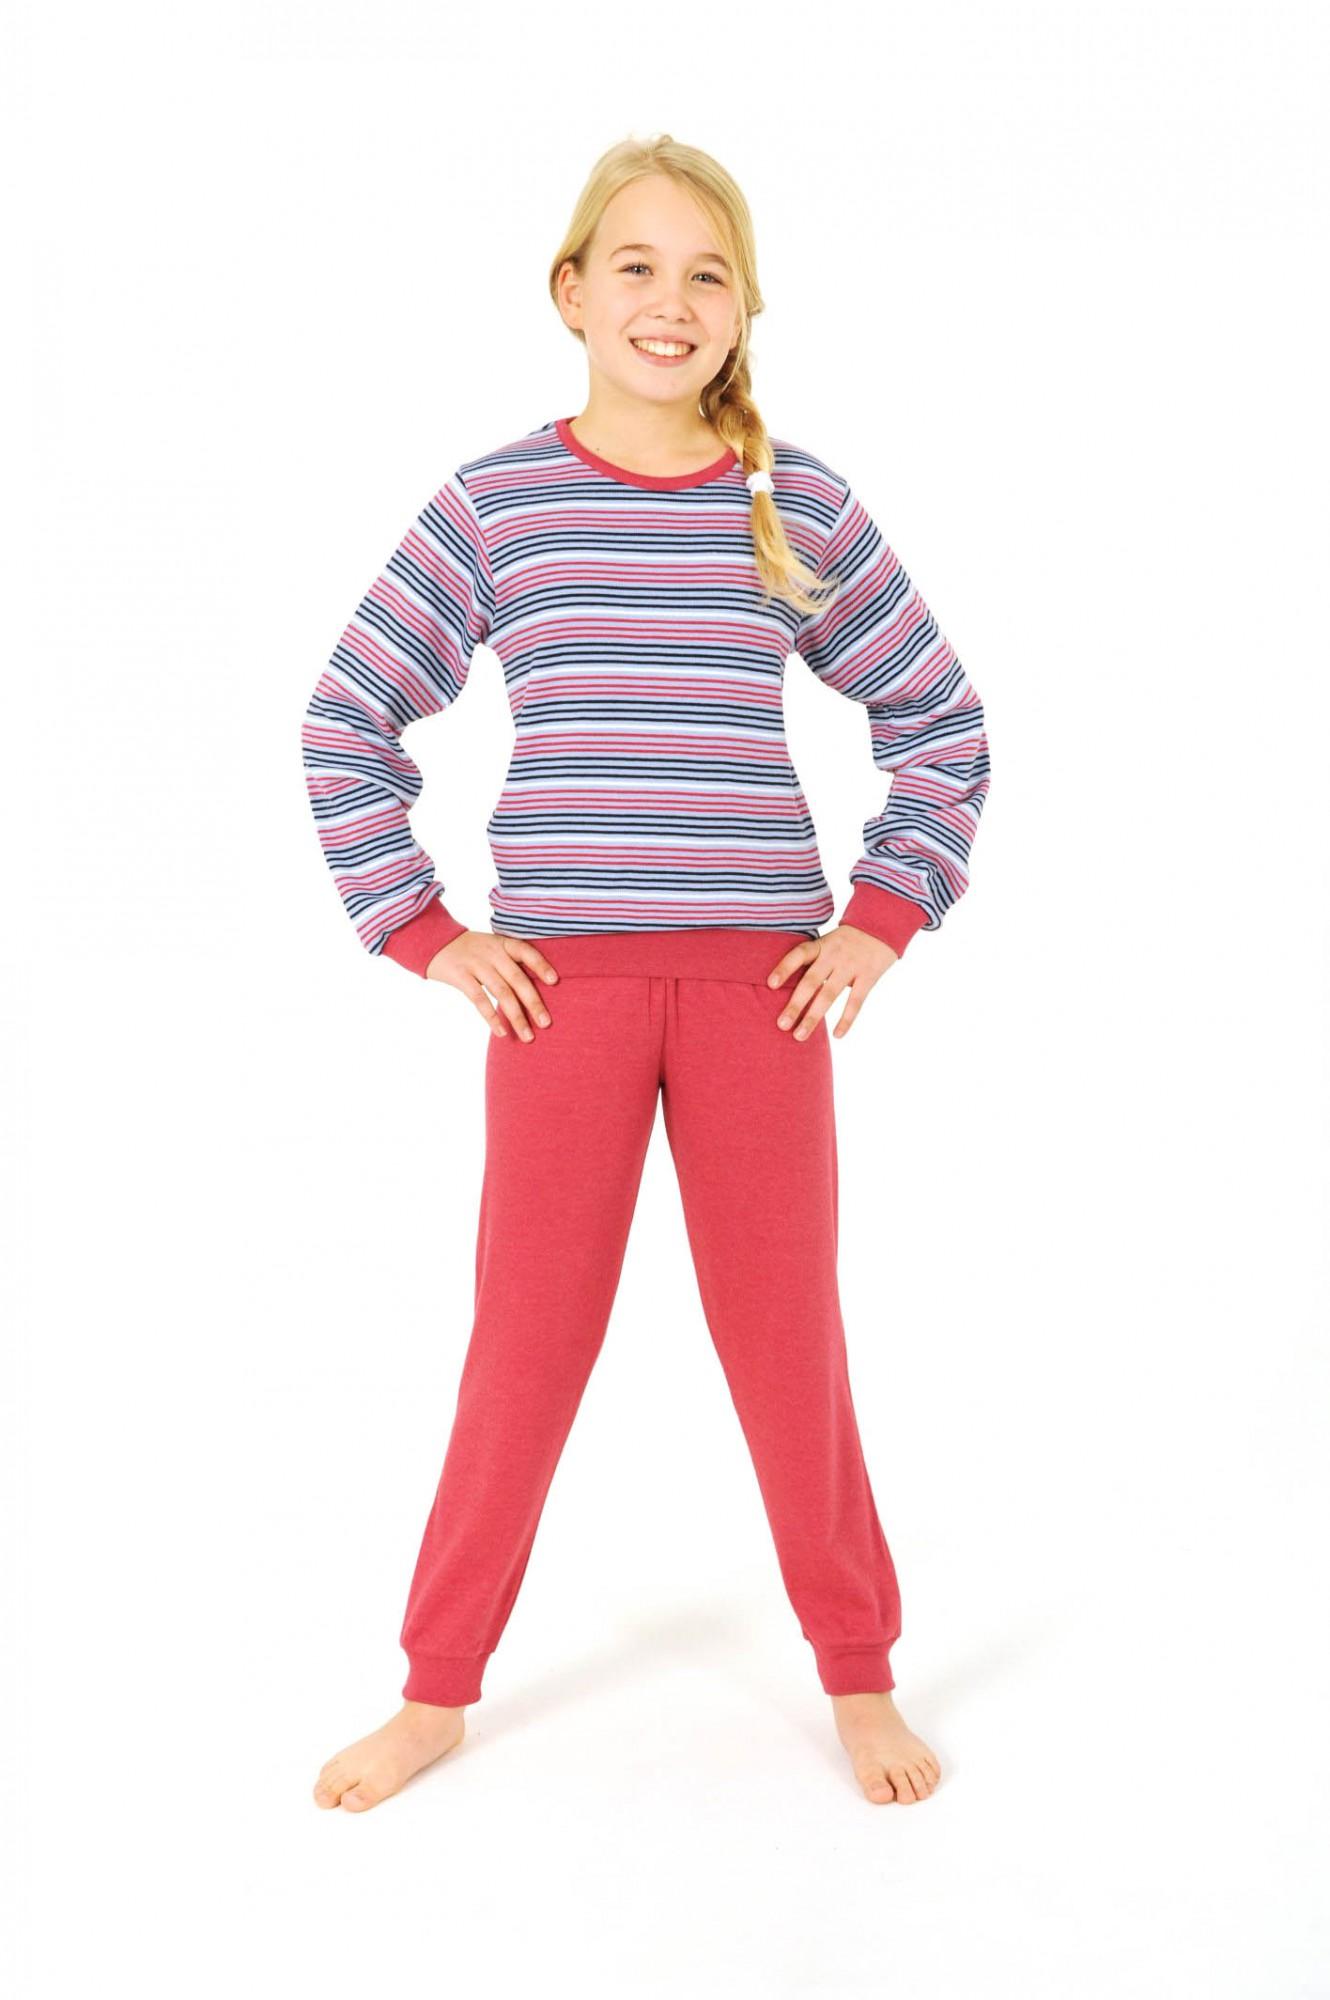 Mädchen Pyjama langarm mit Bündchen – Kuschel Interlock – 251 401 96 910 001